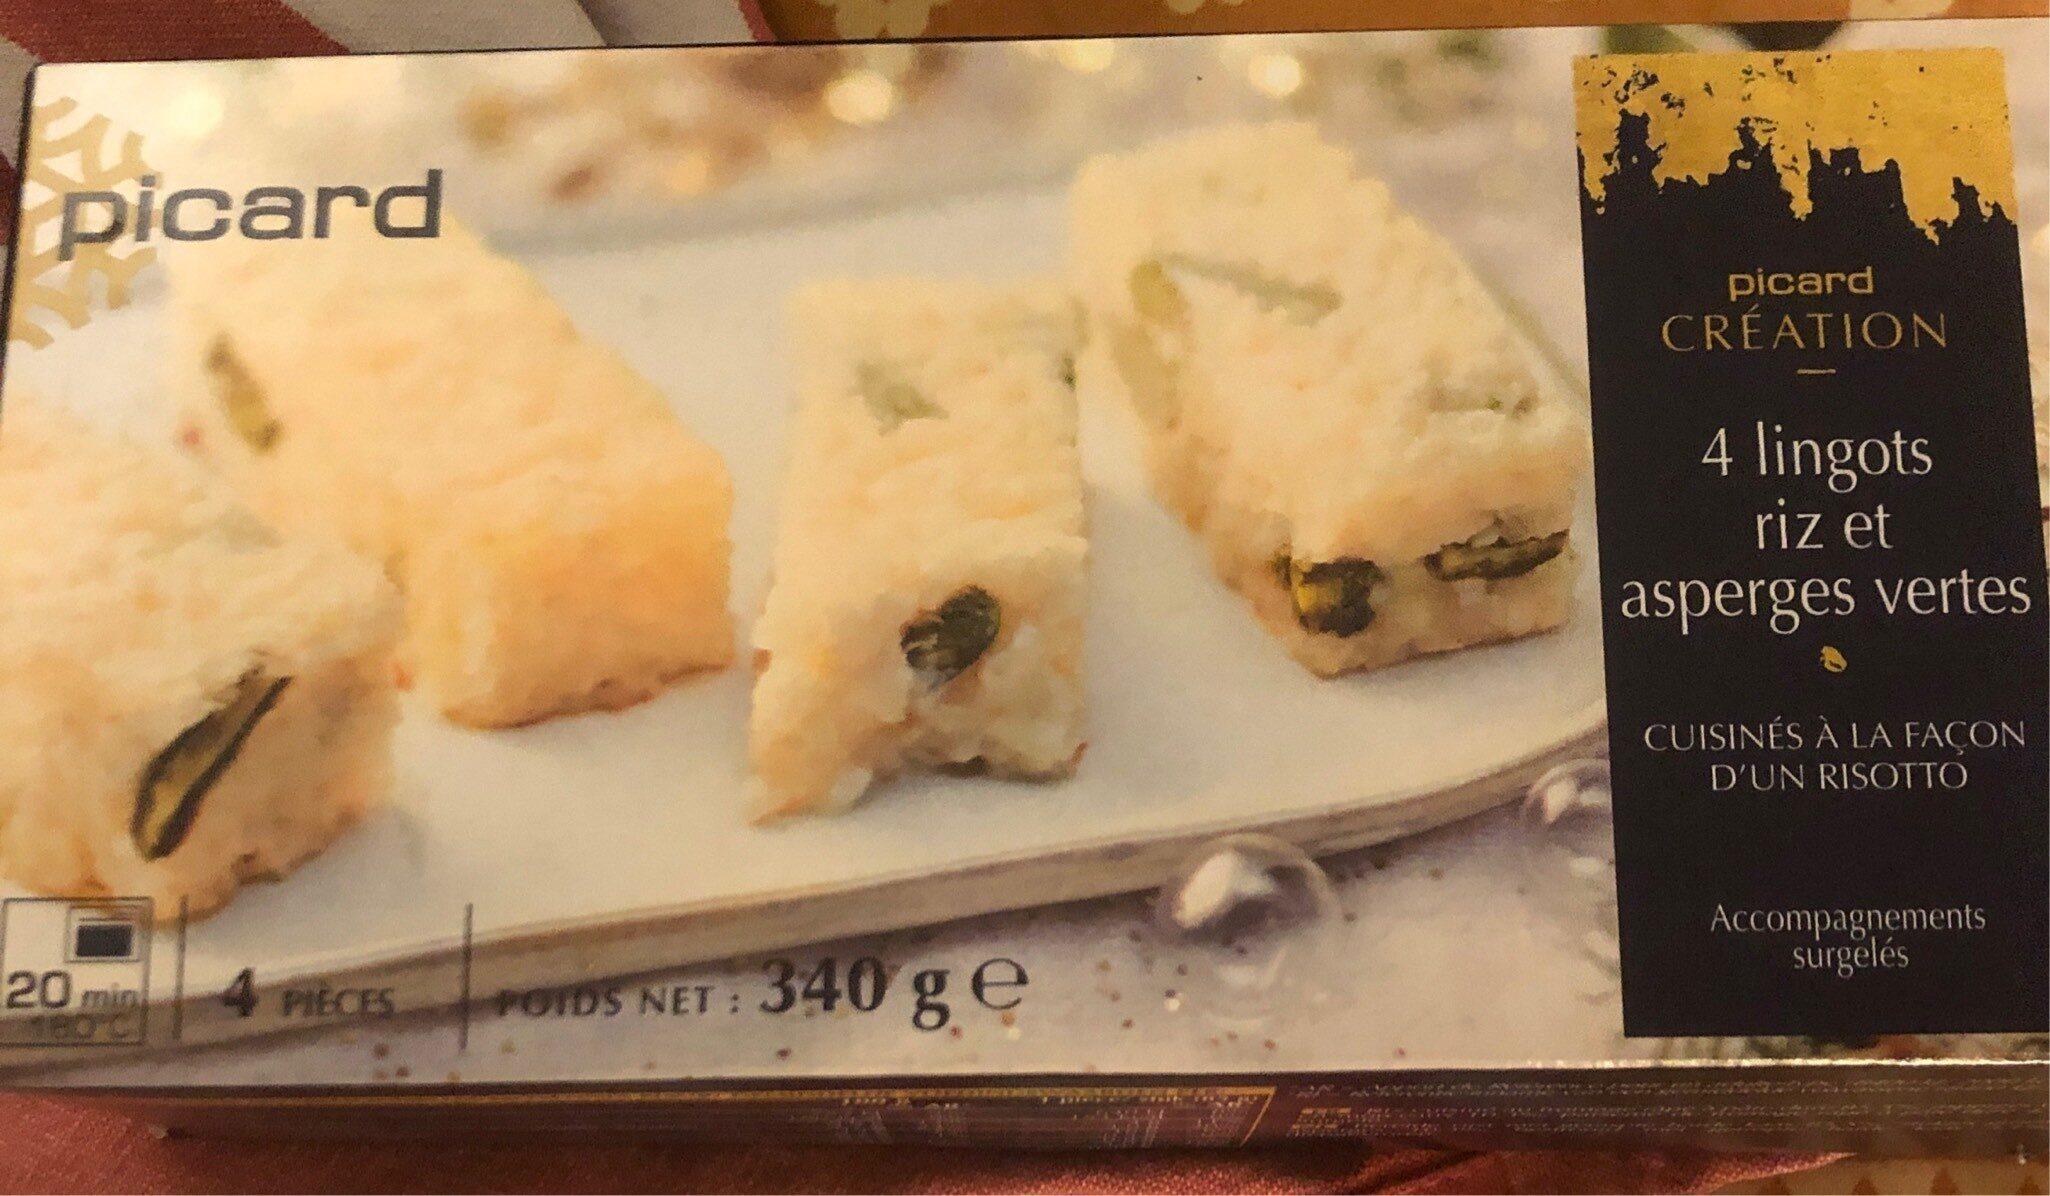 Lingot riz et asperges vertes - Produit - fr